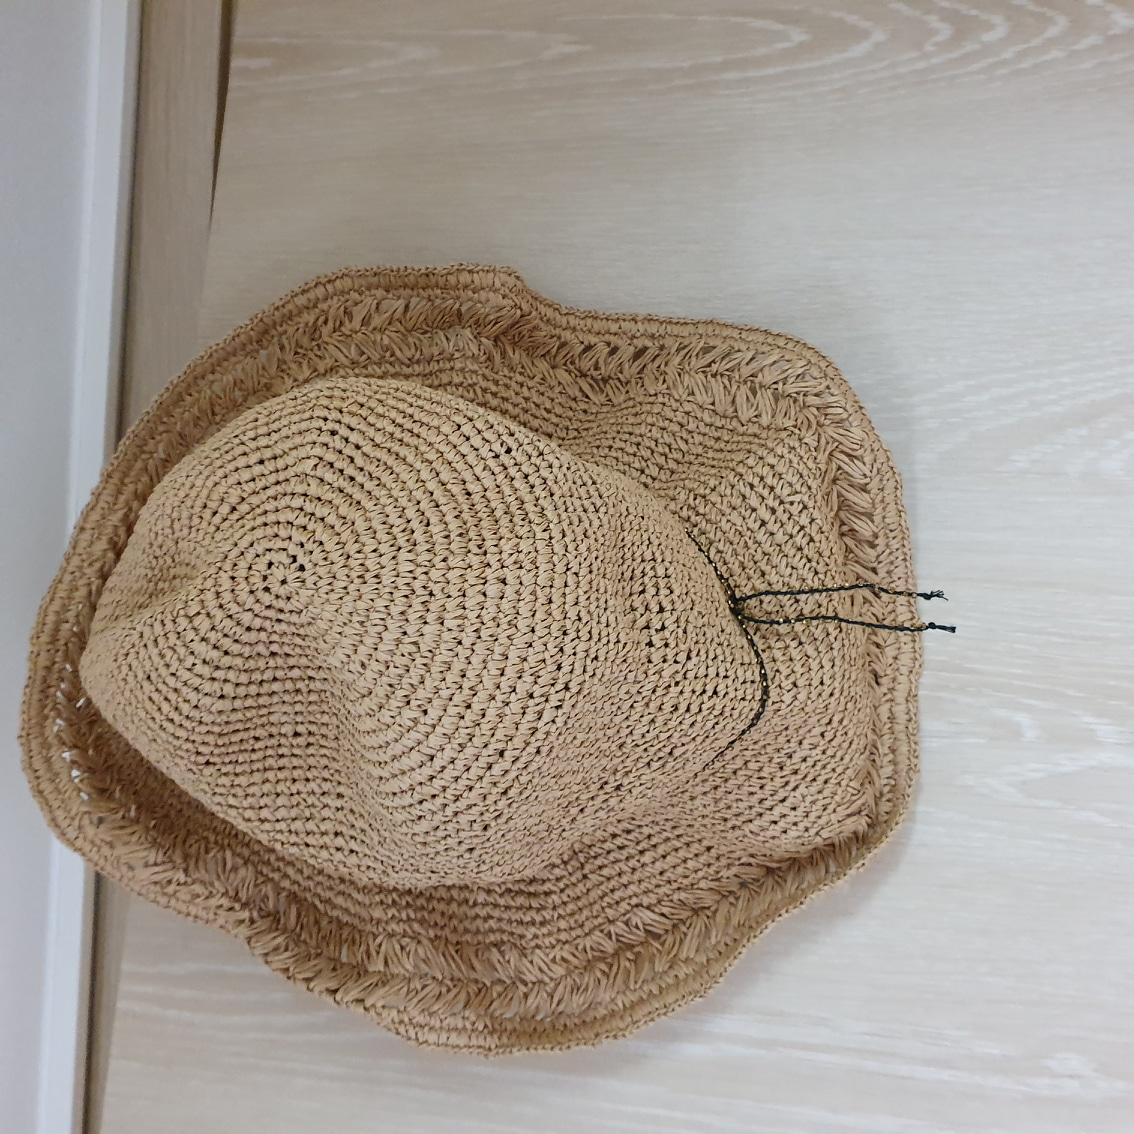 일본에서 구입한  한번도 사용안한 모자입니다  모자가 많아서 판매합니다